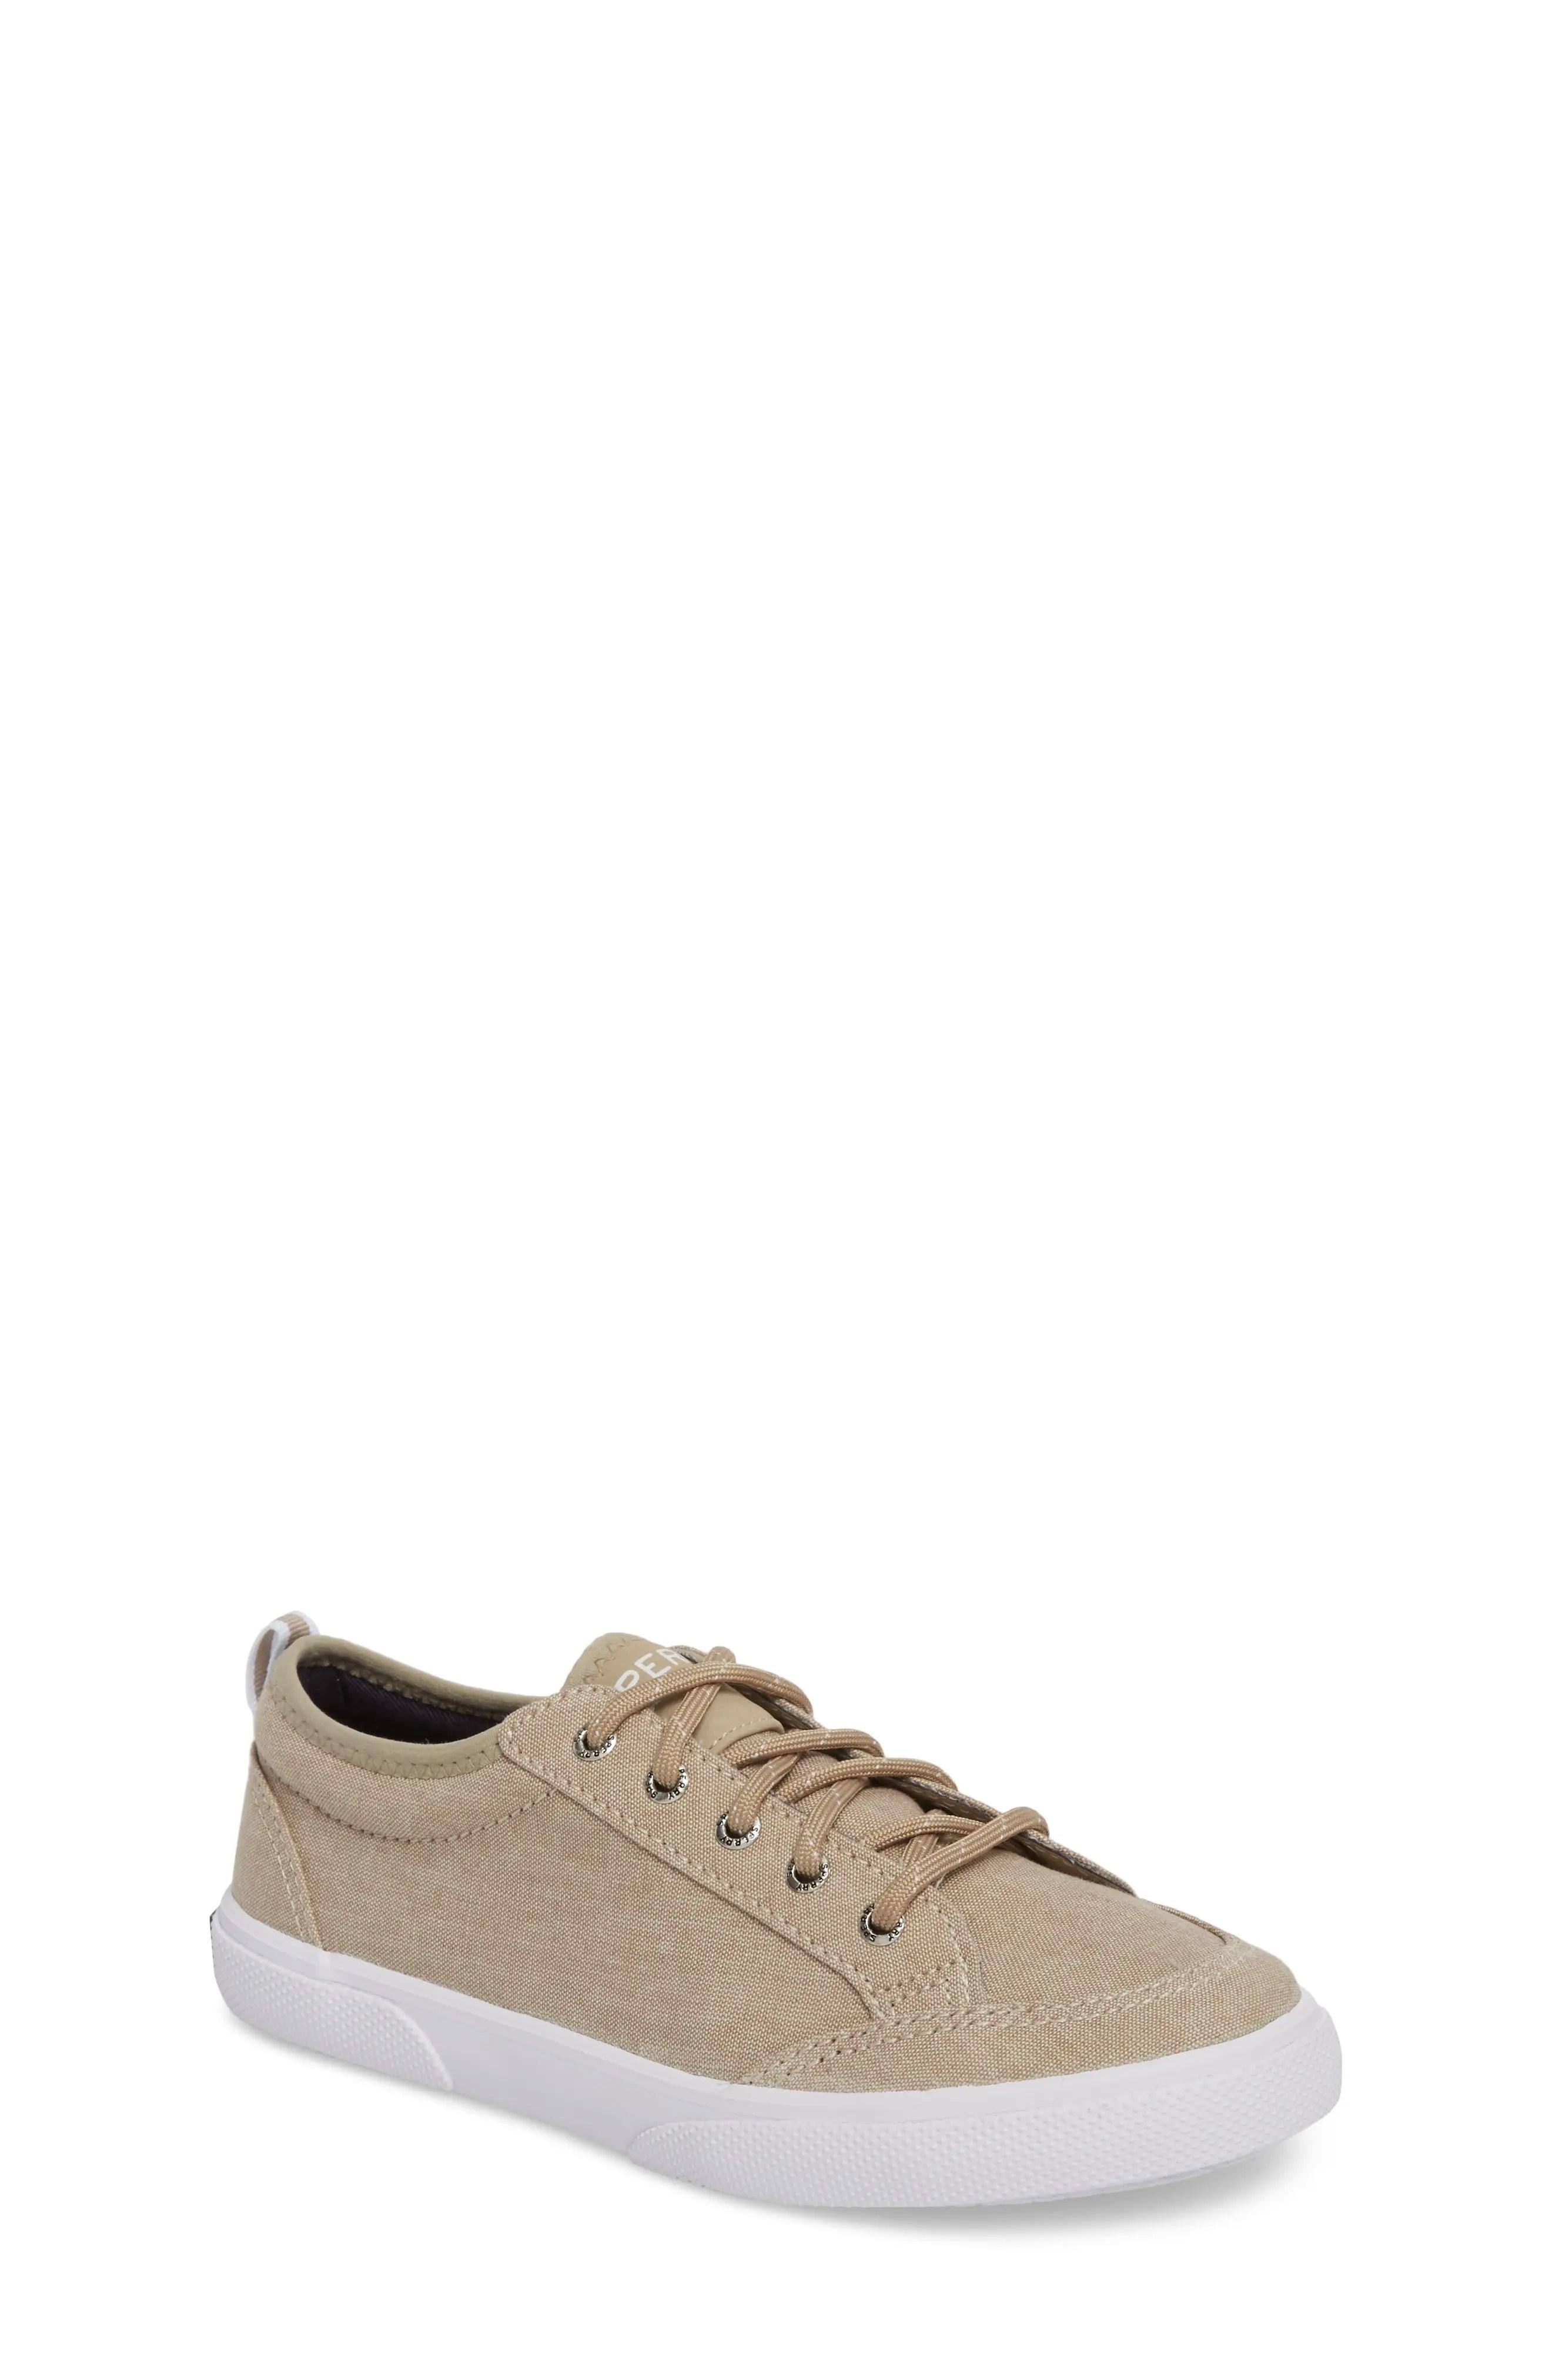 Sperry kids deckfin sneaker walker toddler little kid  big also baby shoes nordstrom rh shoprdstrom